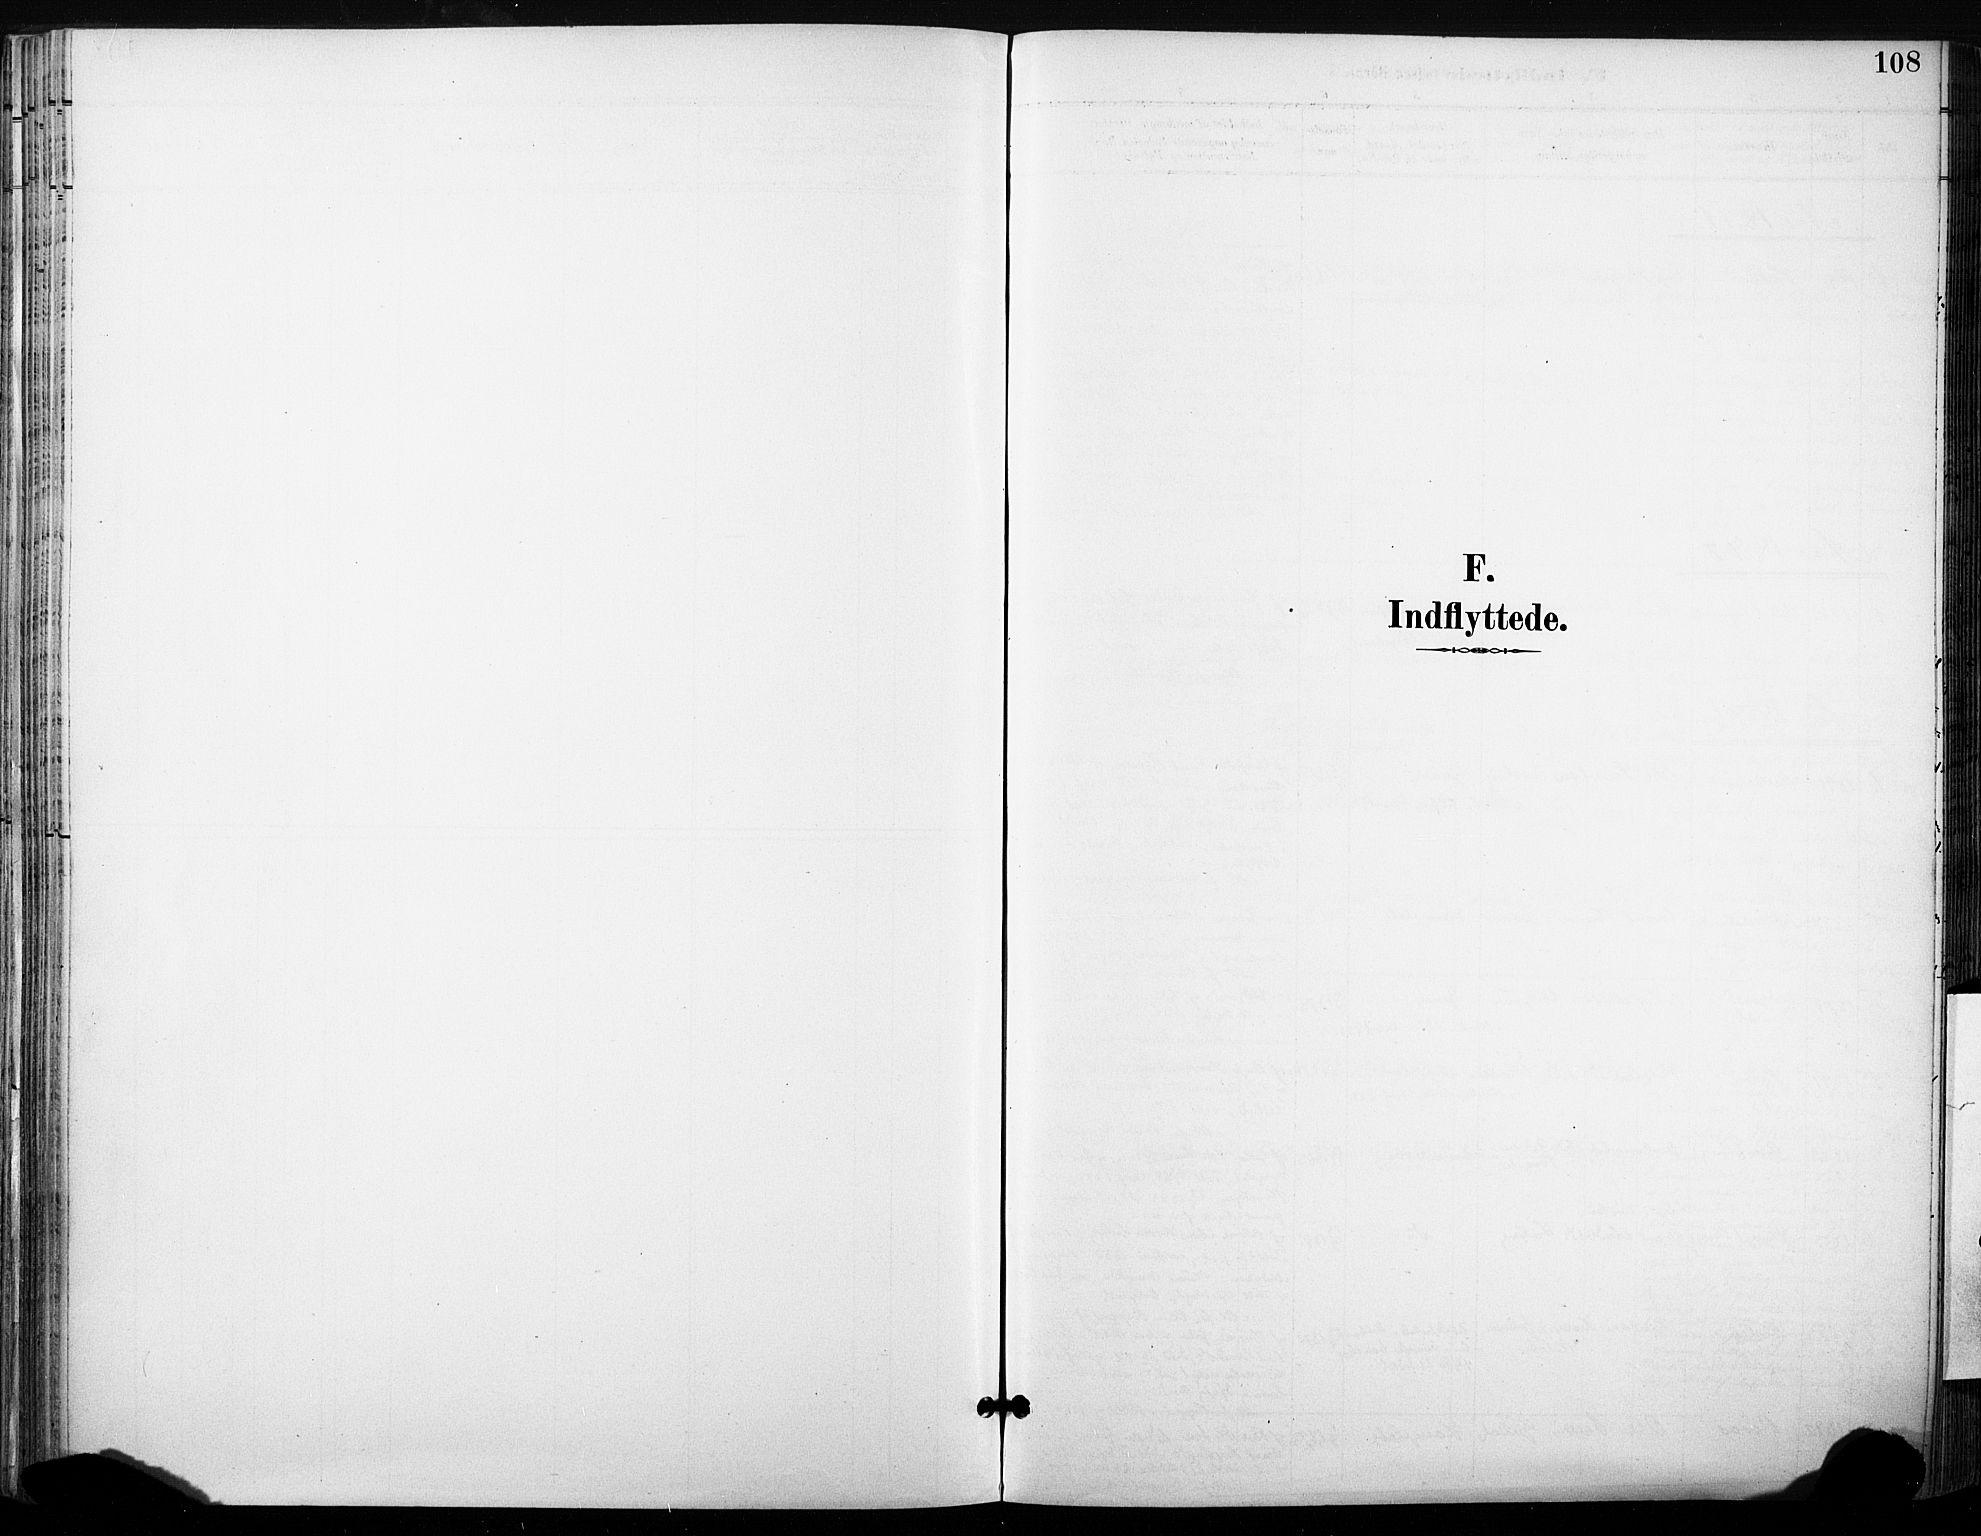 SAT, Ministerialprotokoller, klokkerbøker og fødselsregistre - Sør-Trøndelag, 685/L0973: Ministerialbok nr. 685A10, 1891-1907, s. 108